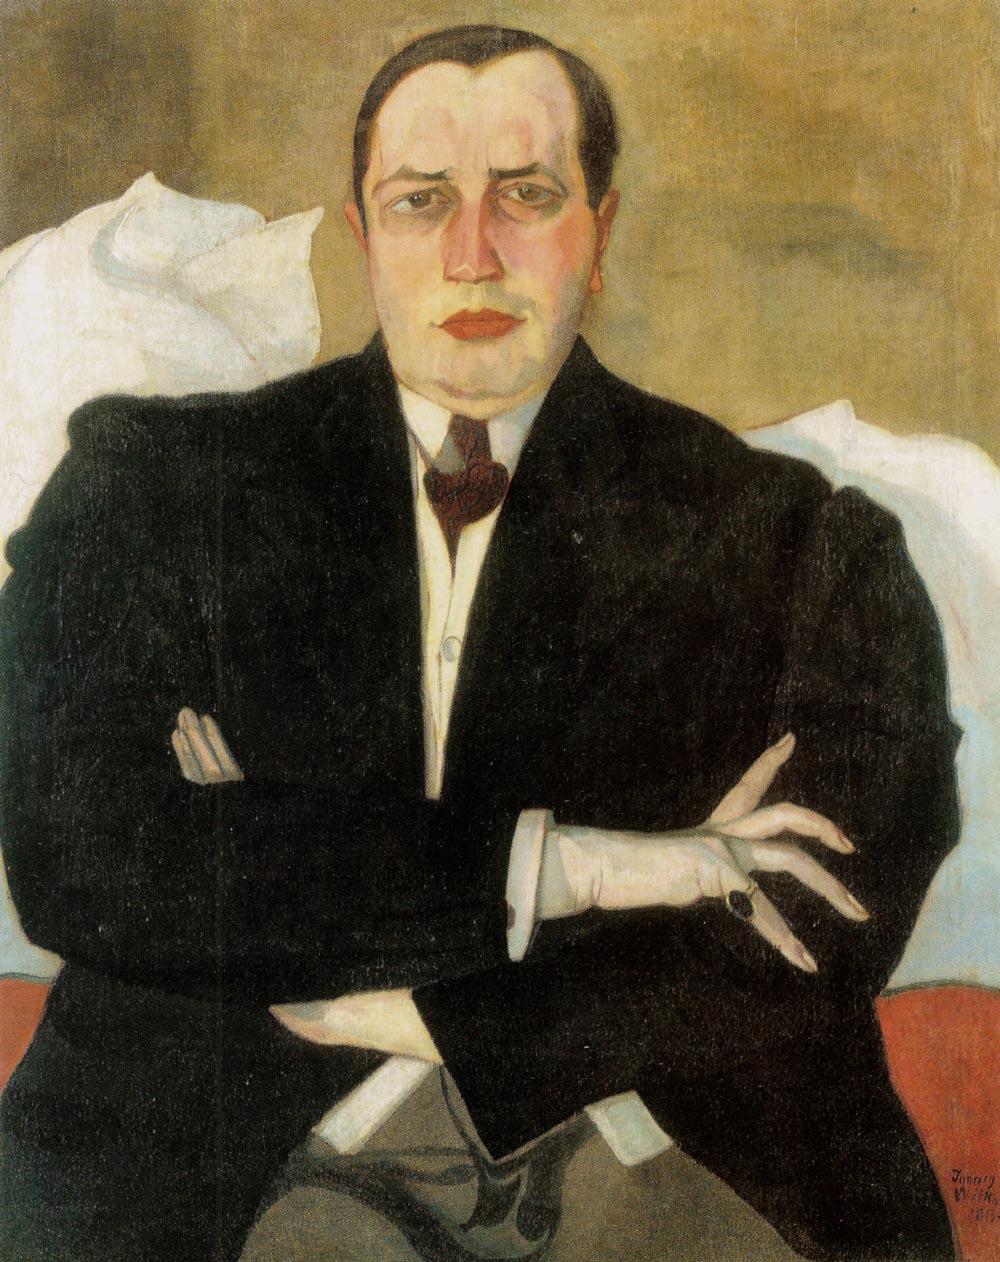 """Stanisław Ignacy Witkiewicz (1885-1939) """"Udzielny BYK na urlopie, portret Leona Chwistka"""", 1913 rok, źródło: Agra-Art"""